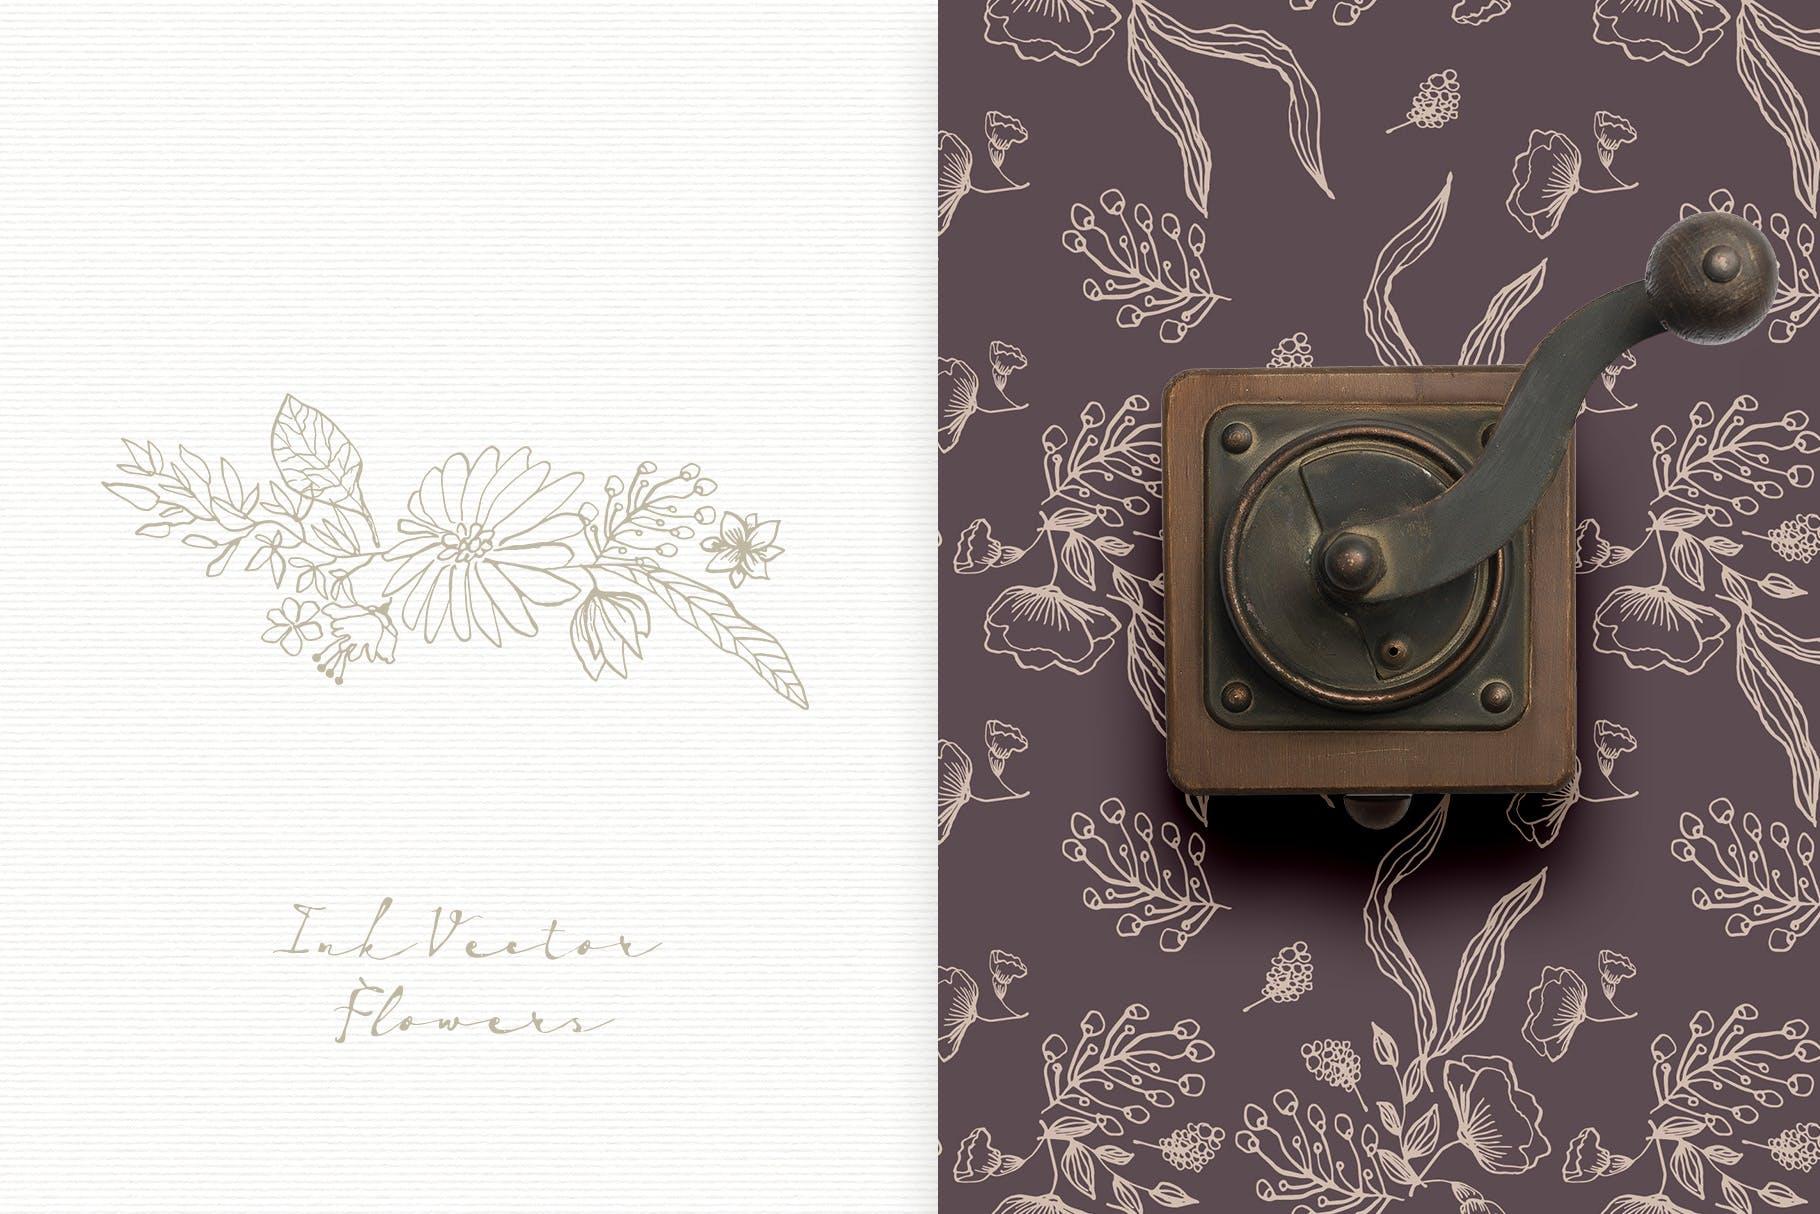 手工研磨制品装饰图案Ink Vector Flowers插图(5)